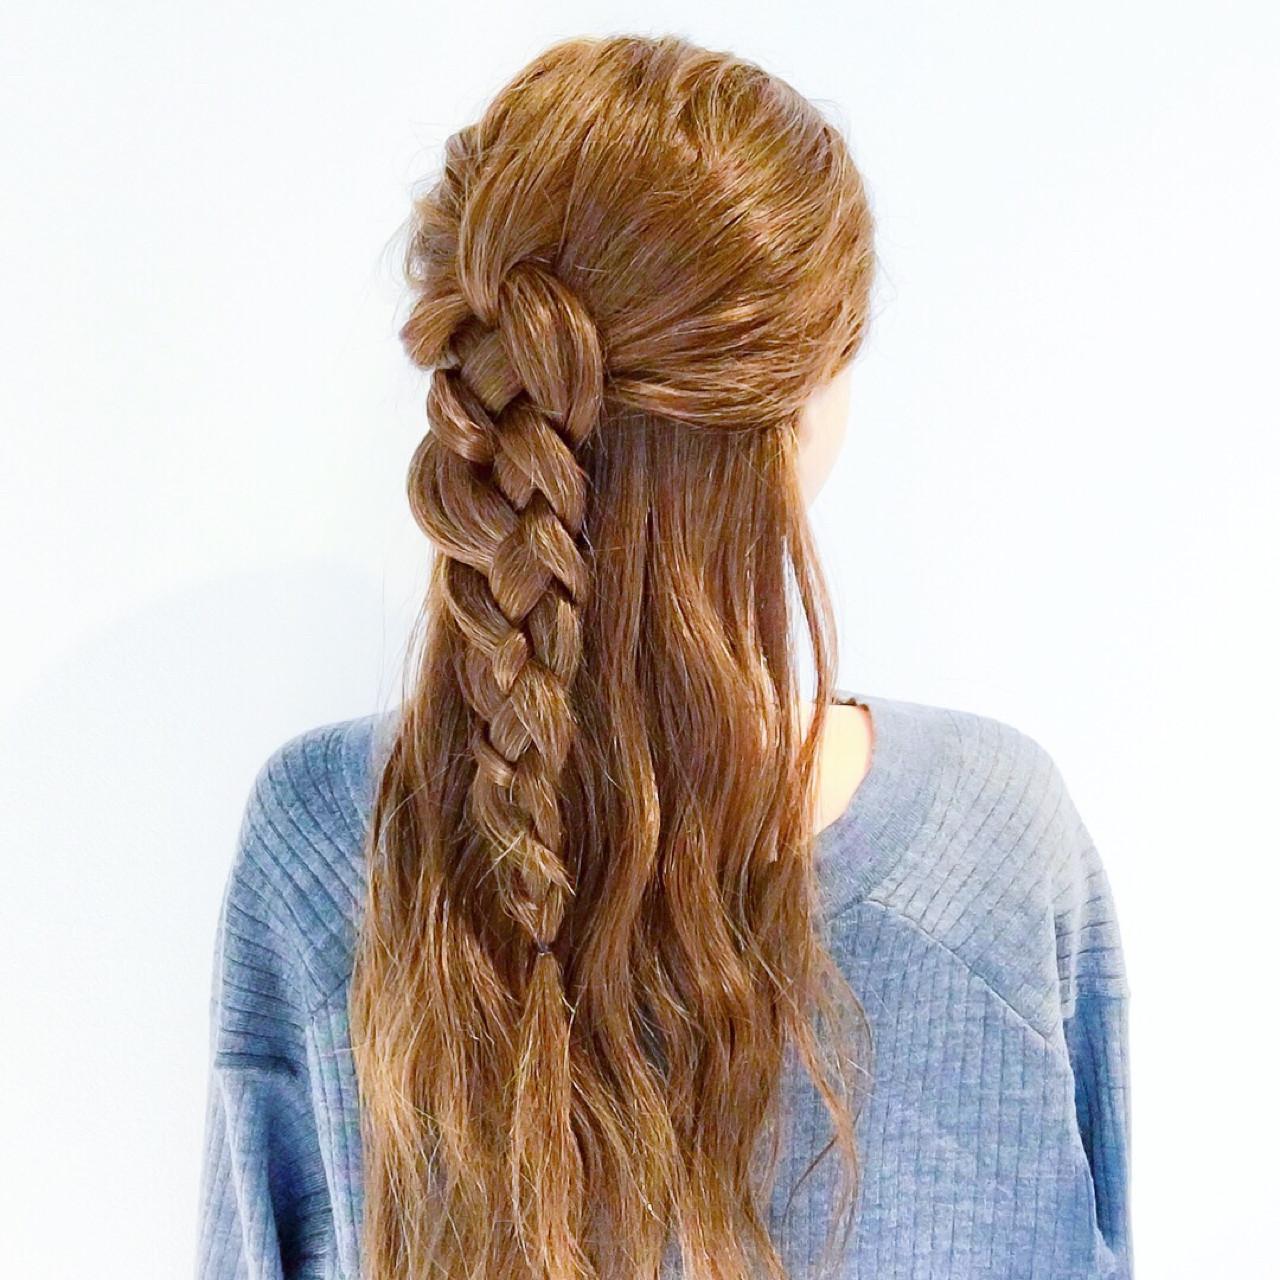 エレガント 簡単ヘアアレンジ 上品 アウトドア ヘアスタイルや髪型の写真・画像